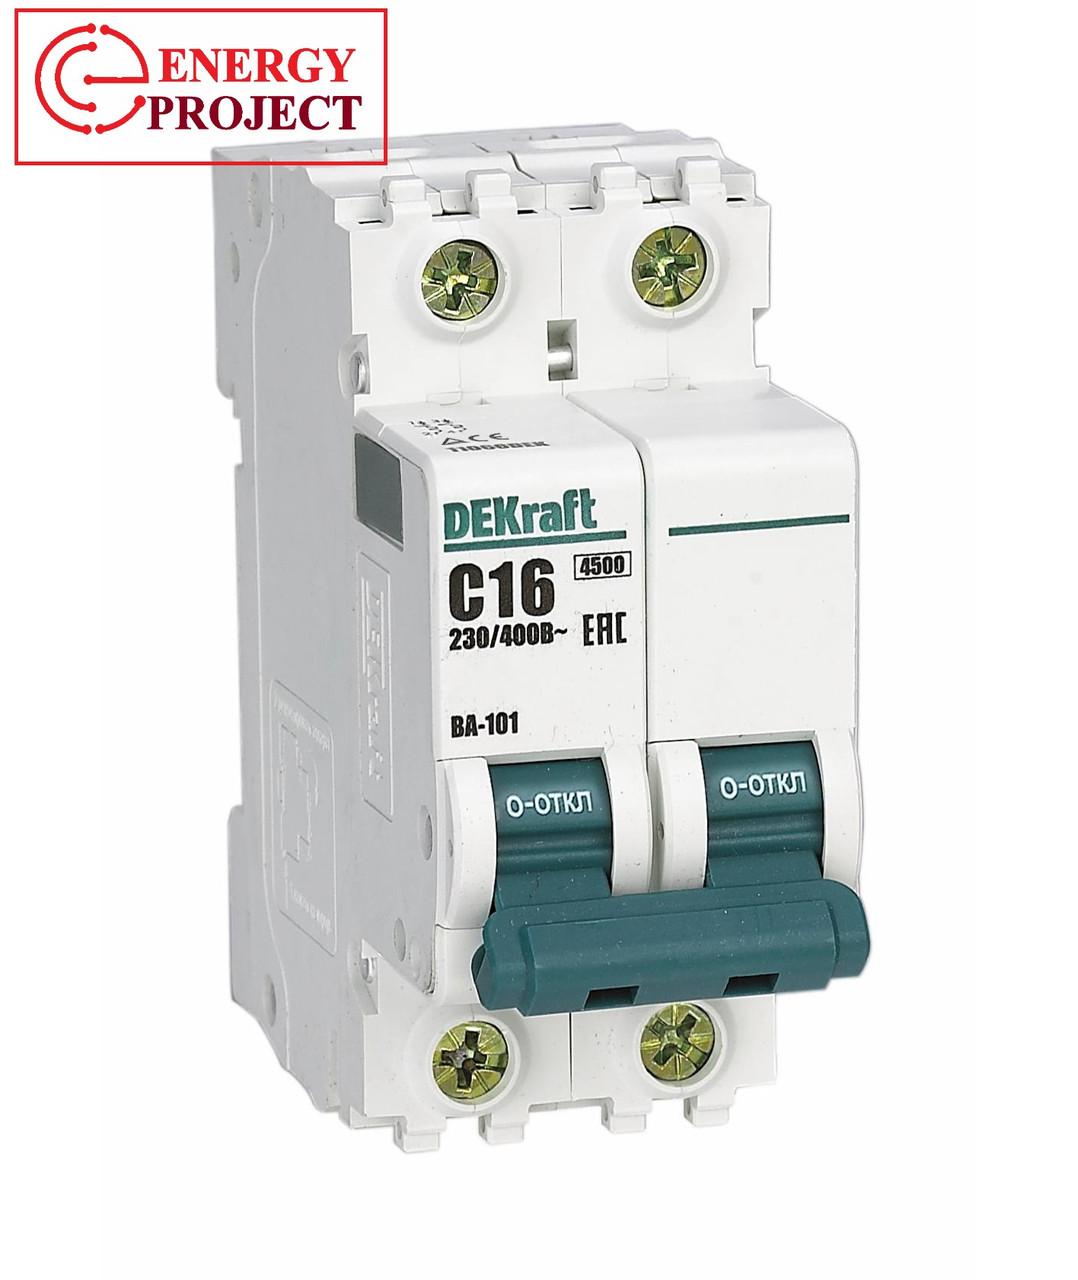 Автоматический выключатель ВА 101 4П 25А(36) Dekraft